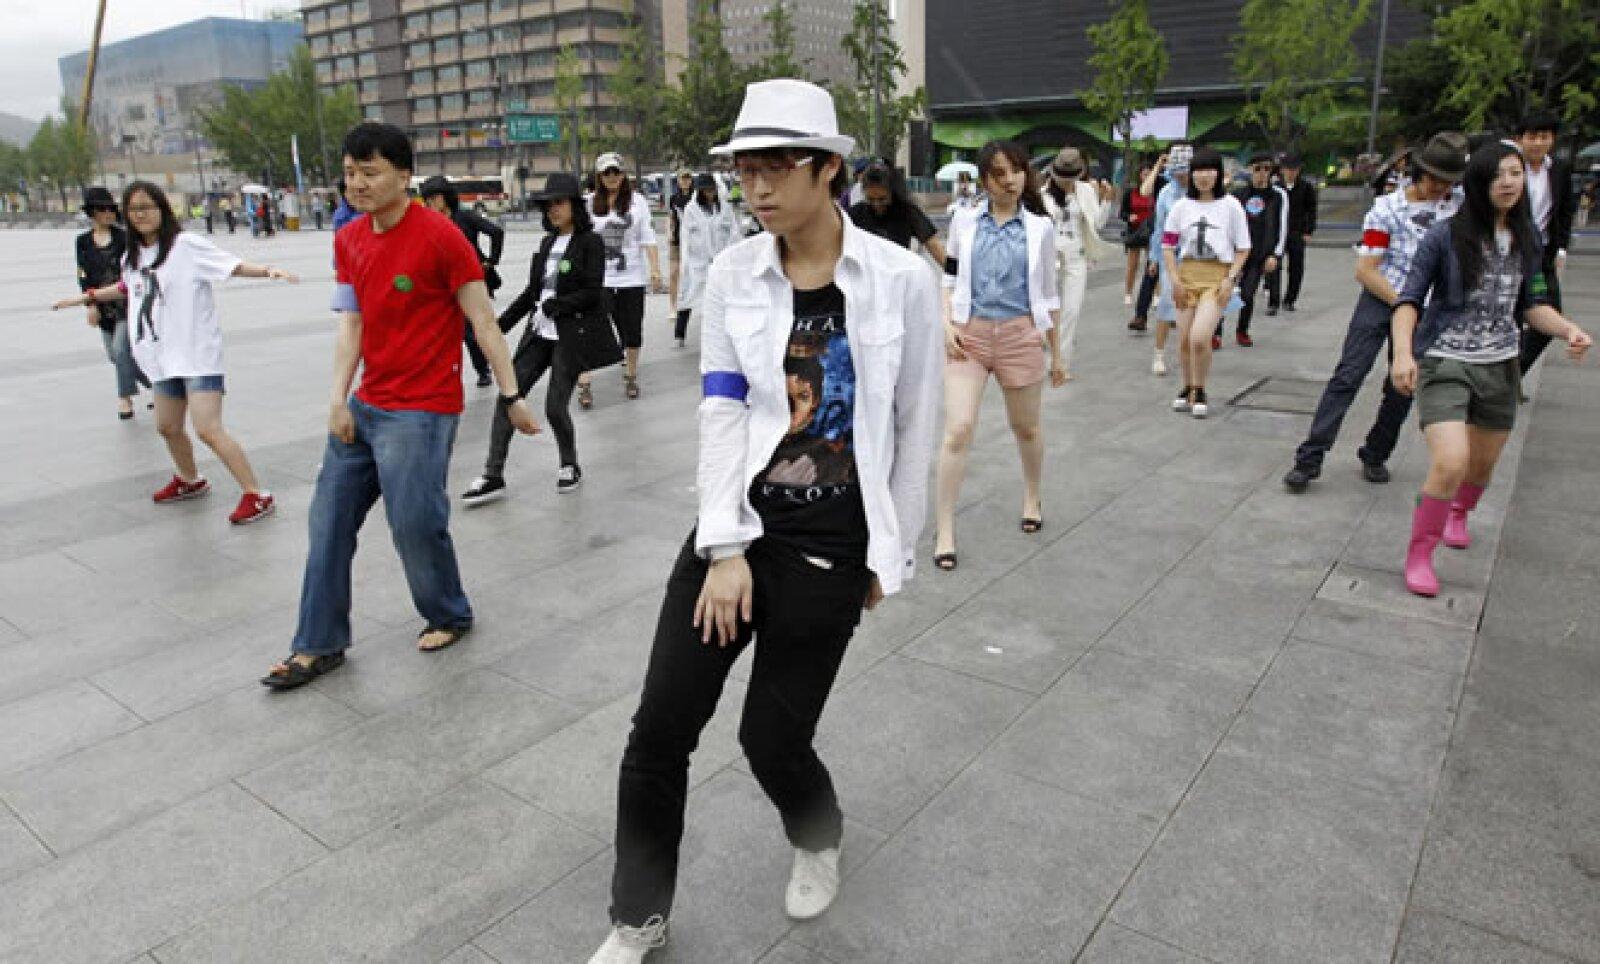 Fans de Michael Jackson lucen sus mejores pasos en centro de Seúl como parte del segundo aniversario luctuoso de Michael Jackson.